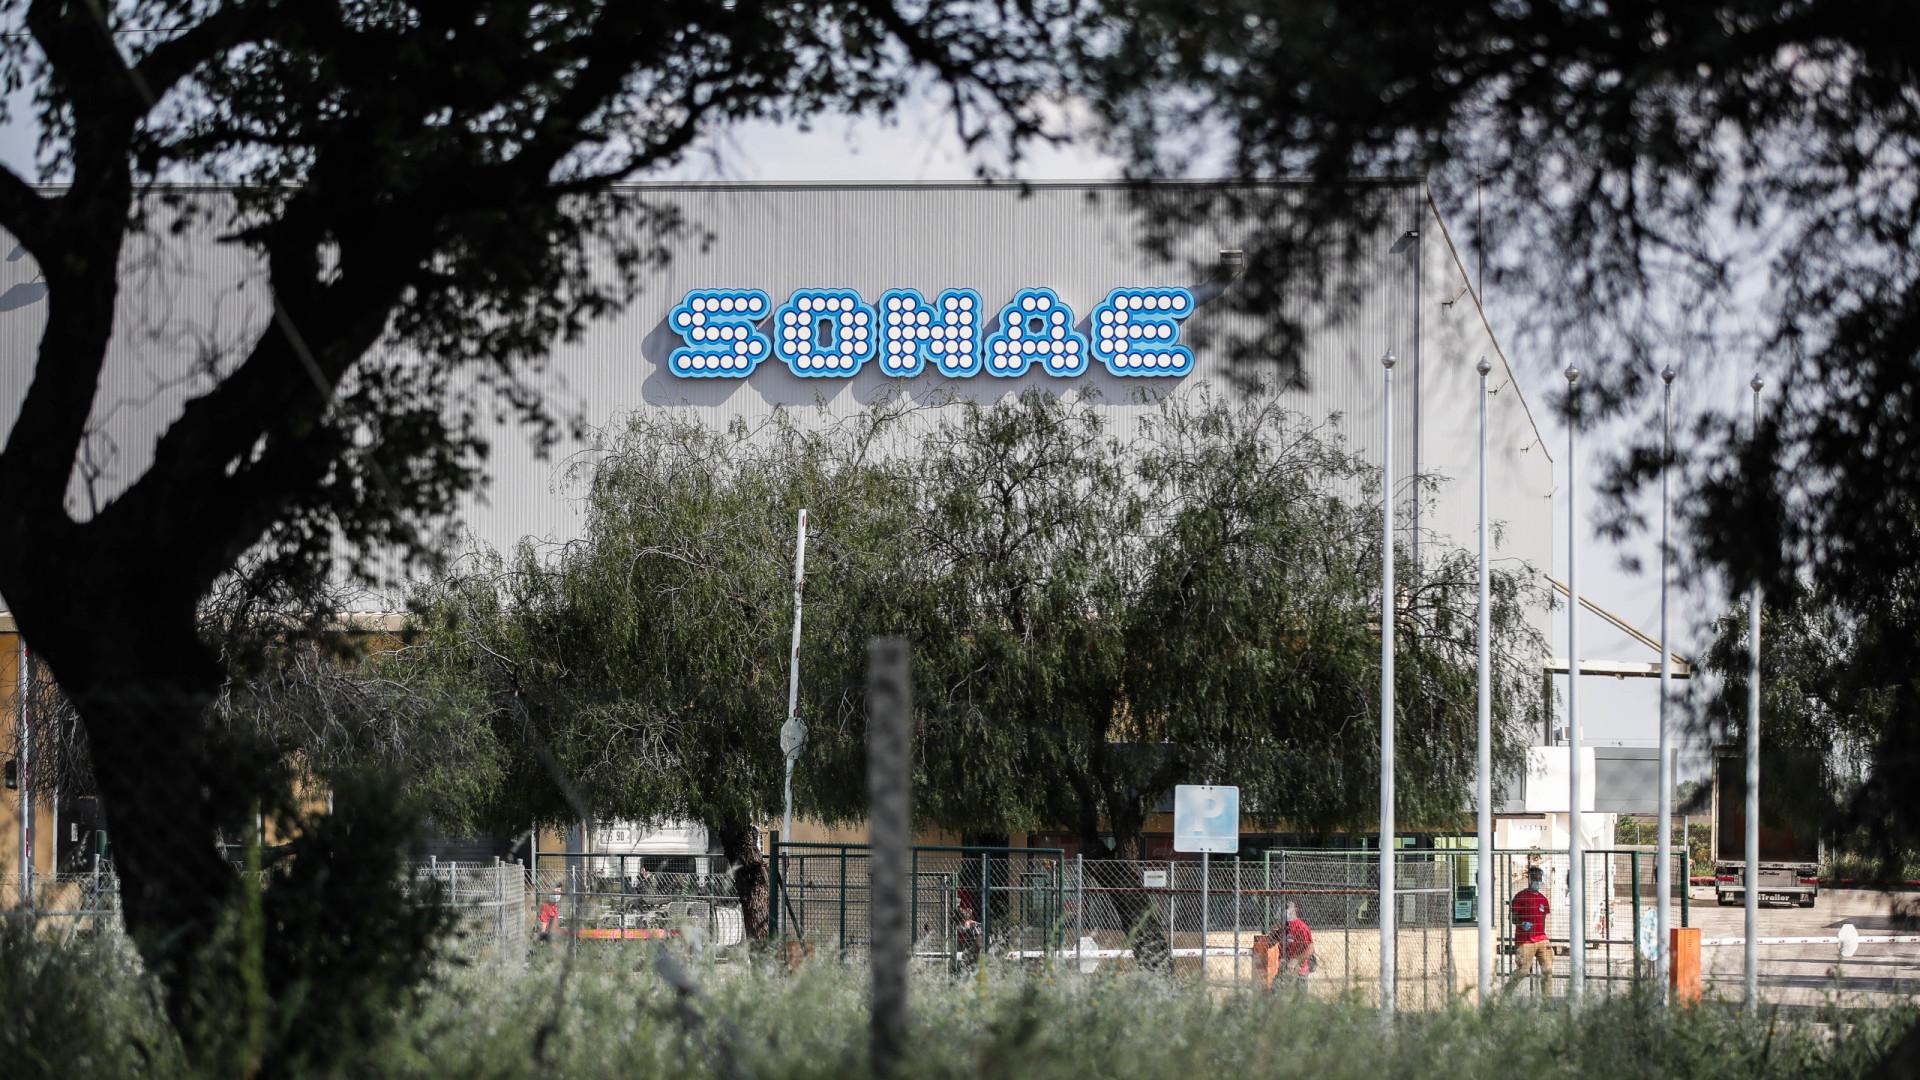 Sonae passa a deter 80% da Sonae Sierra após compra de ações da Grosvenor